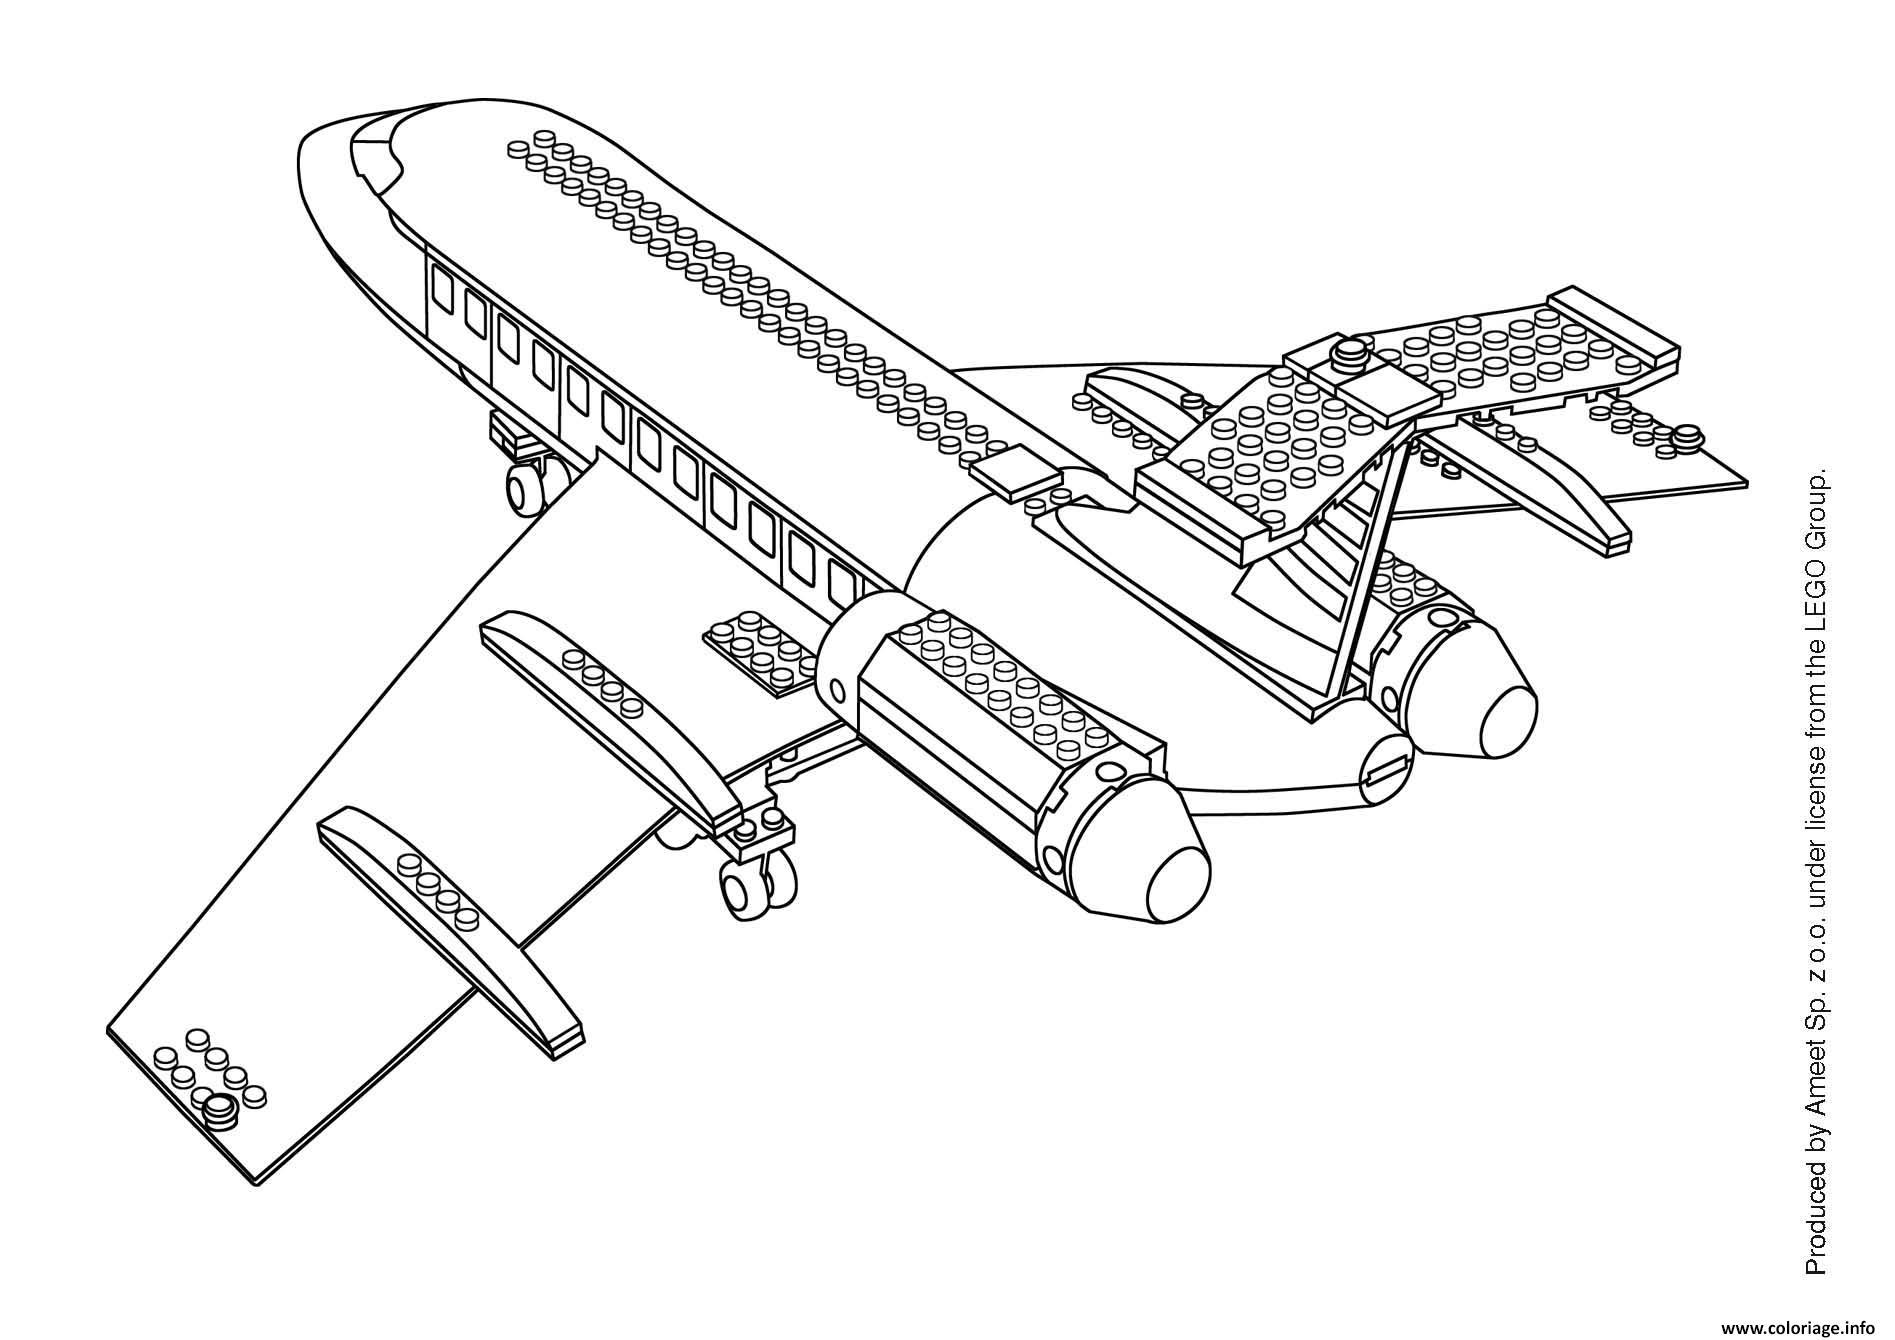 Coloriage avion 71 dessin - Lego city a colorier ...